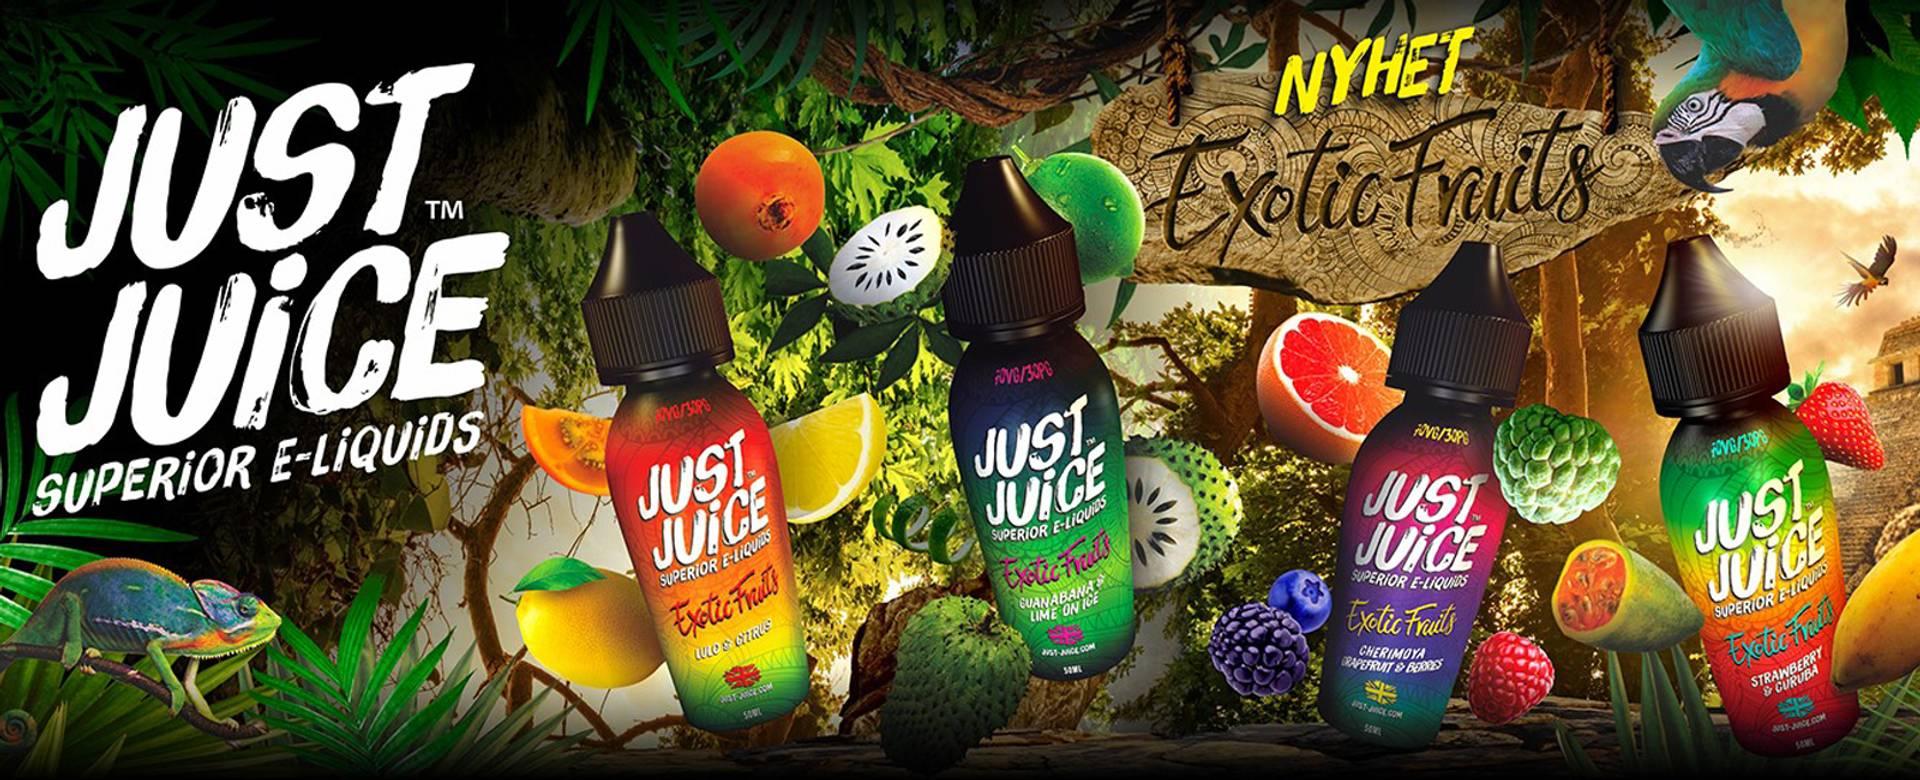 Just Juice Ejuice